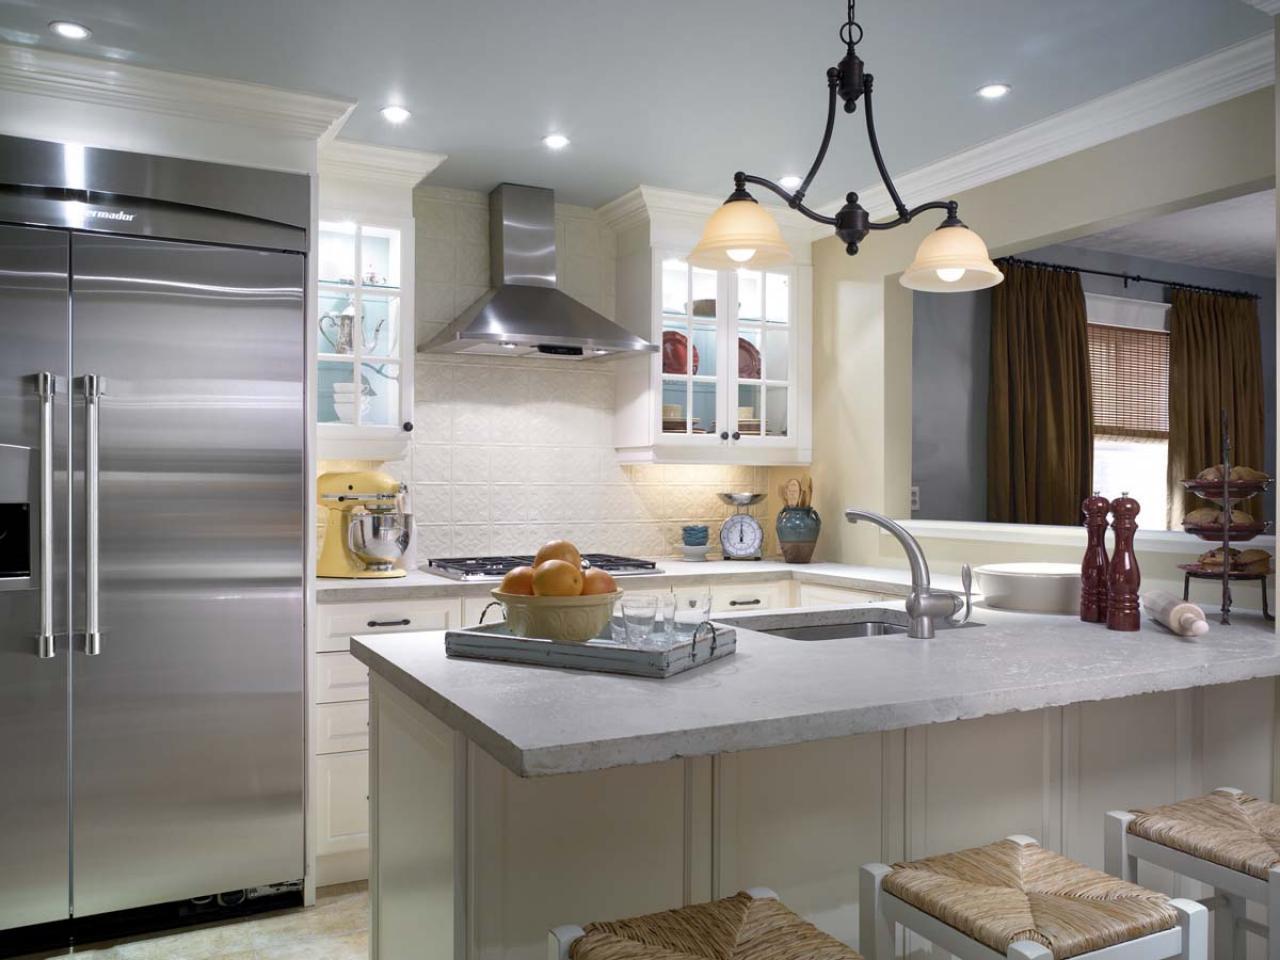 divine design kitchen ideas photo - 5